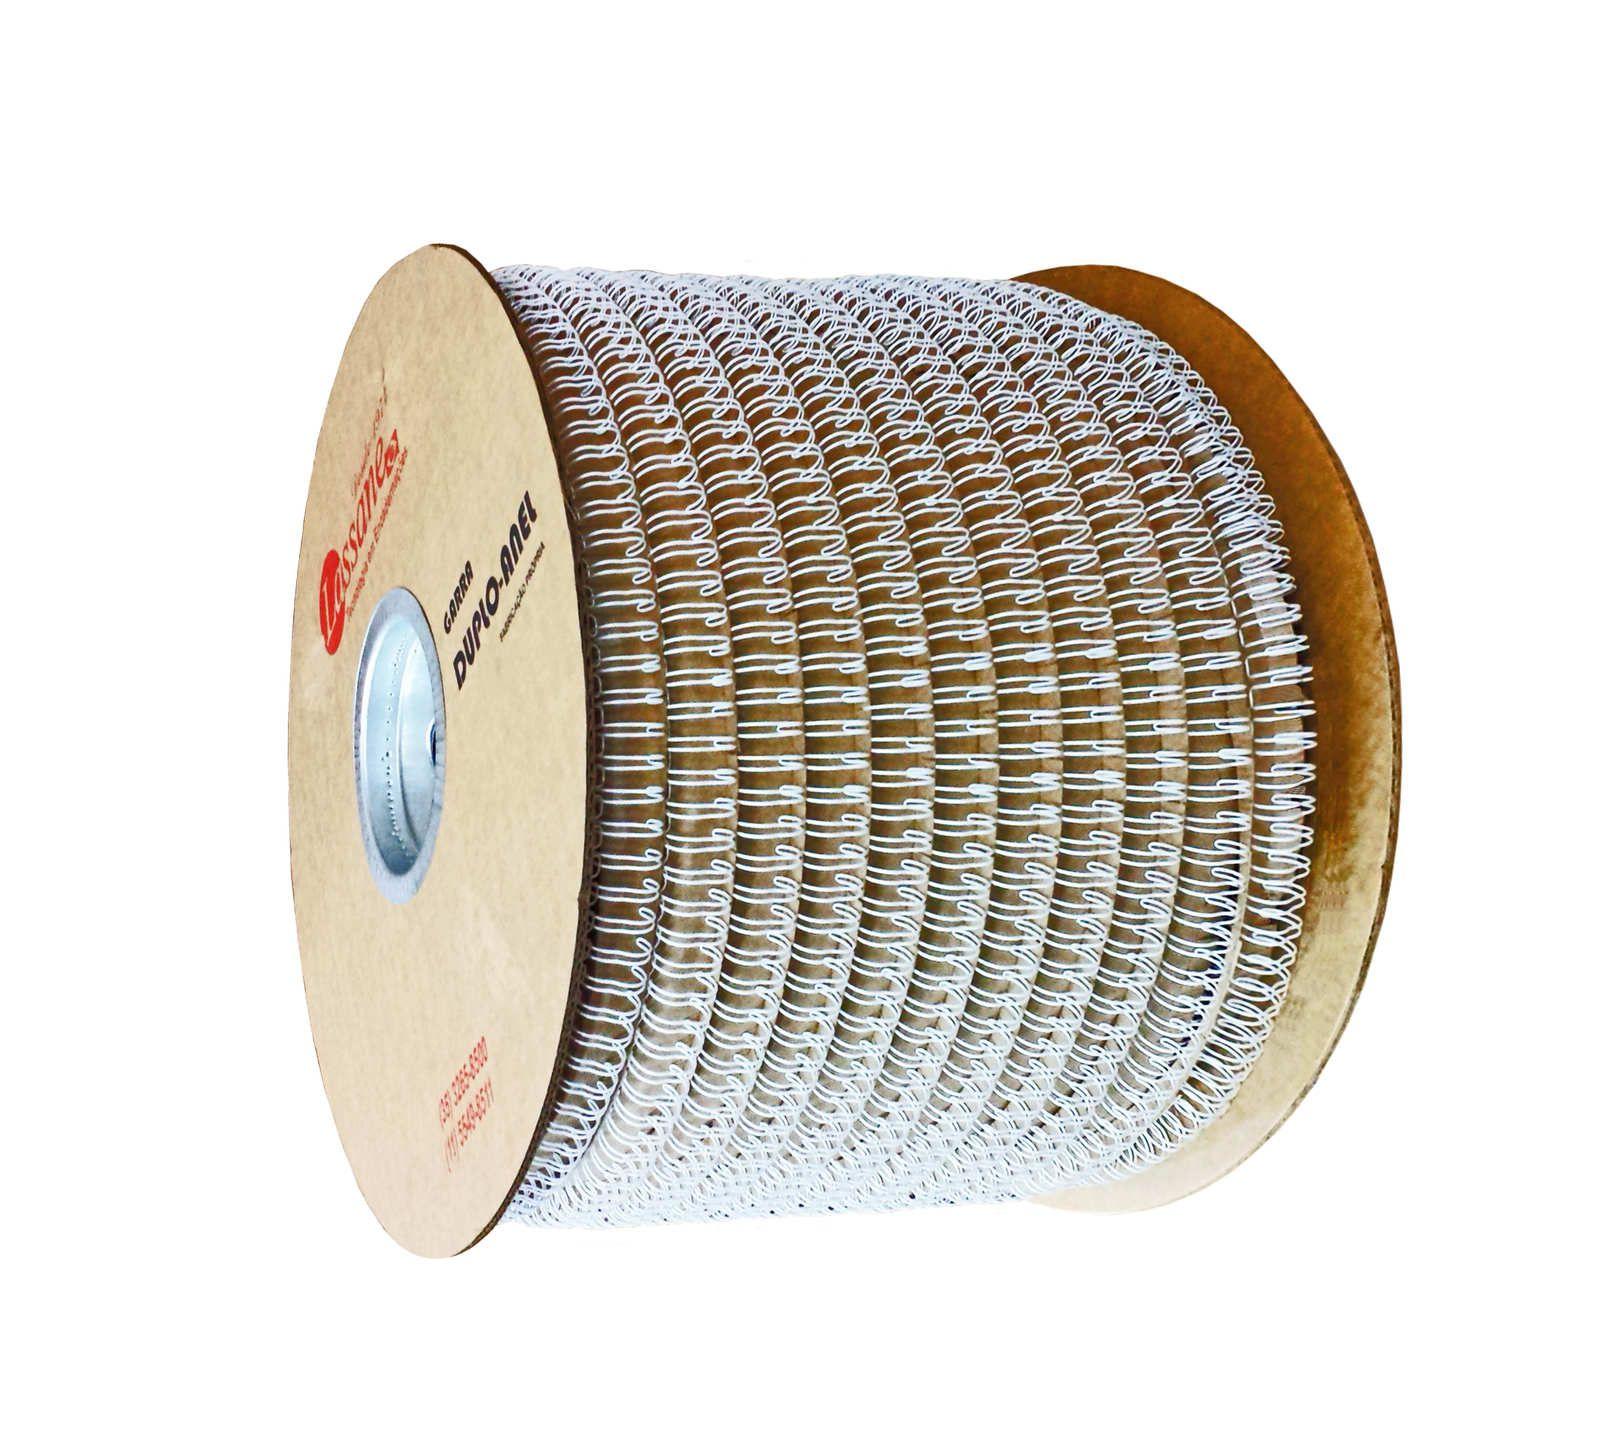 Bobina de Garras de Duplo Anel Wire-o 2x1 3/4 140 Folhas Cor Branca